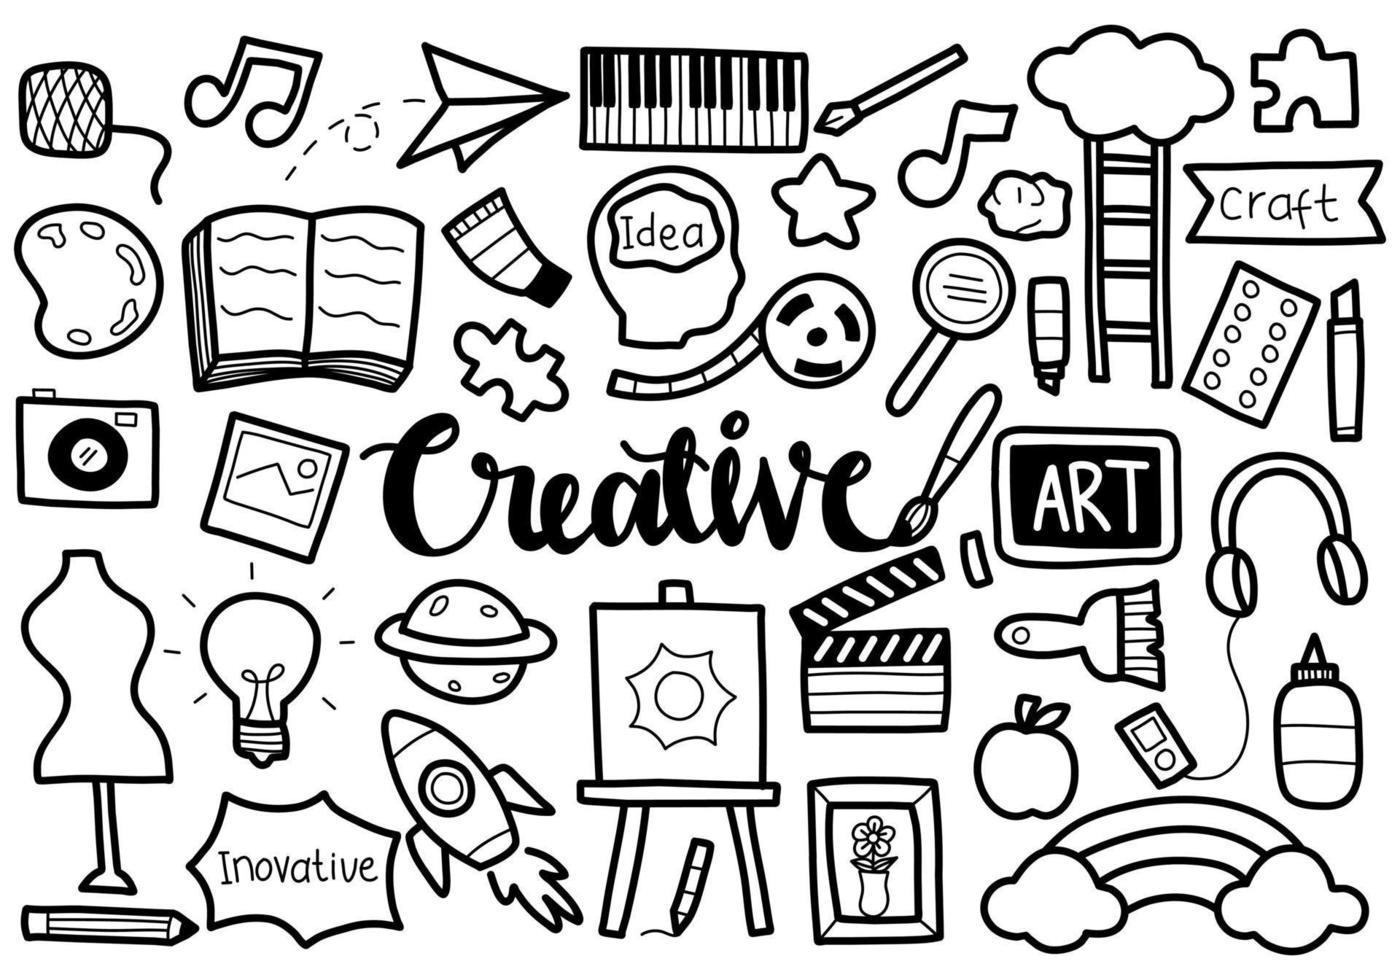 símbolo creativo del doodle vector